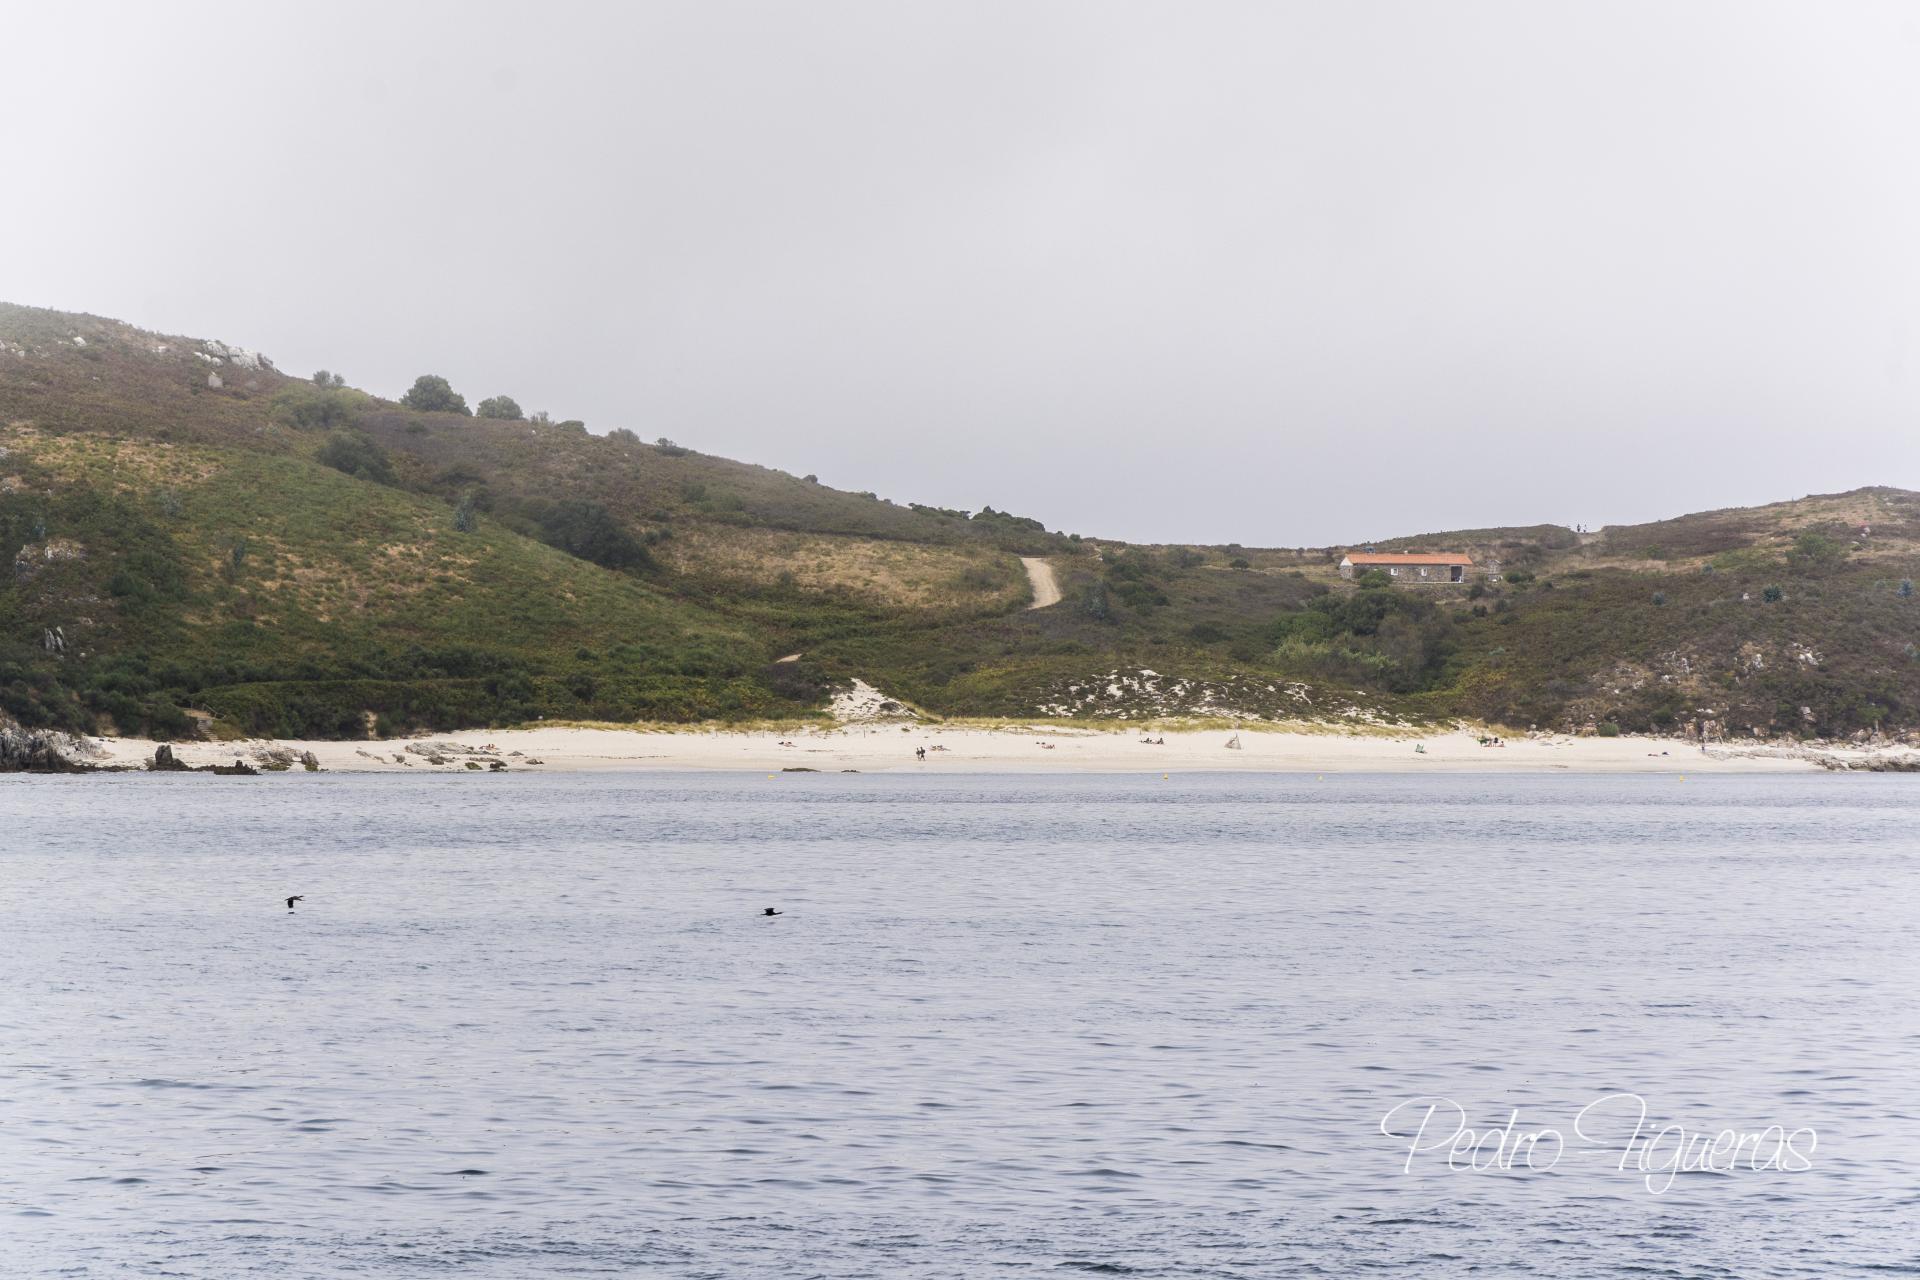 """Fonte de Melide. Os seus lugares. """"Ons: unha illa habitada"""". Capítulo 4 (XXVIII)"""